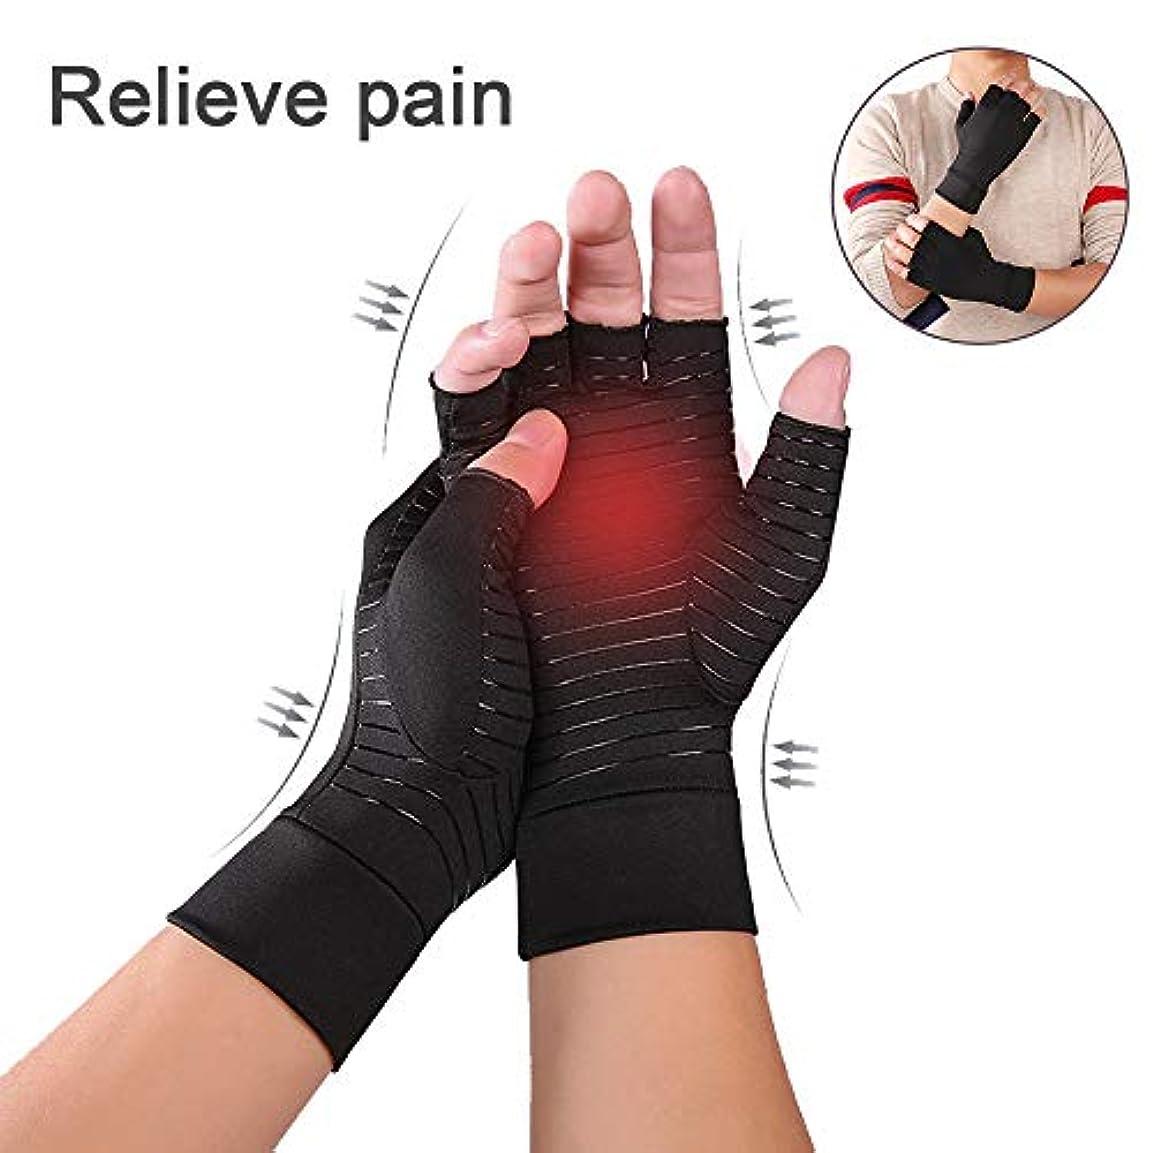 準備したわずかにフェミニン銅圧縮関節炎手袋、圧縮関節炎グローブリハビリテーションハーフフィンガーグローブ圧縮関節炎痛み緩和リウマチ性変形性関節症および手根管